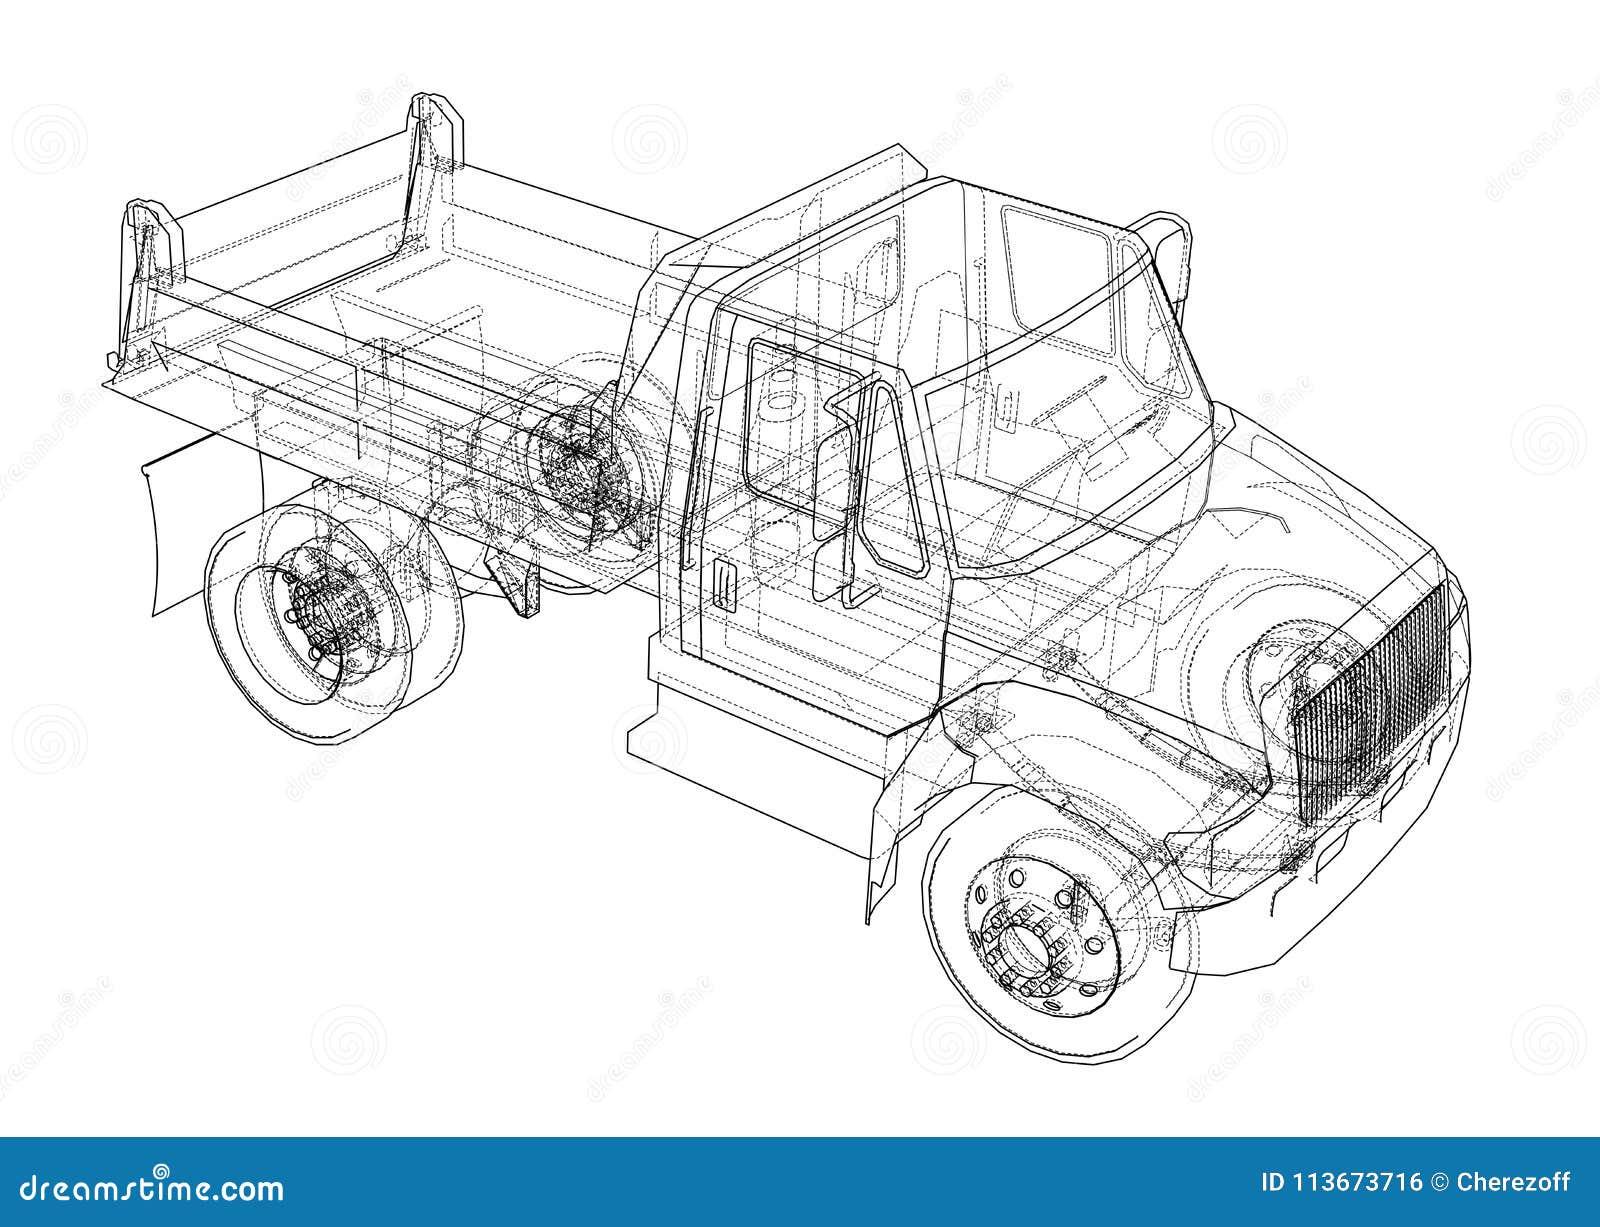 Dump truck illustration 3D